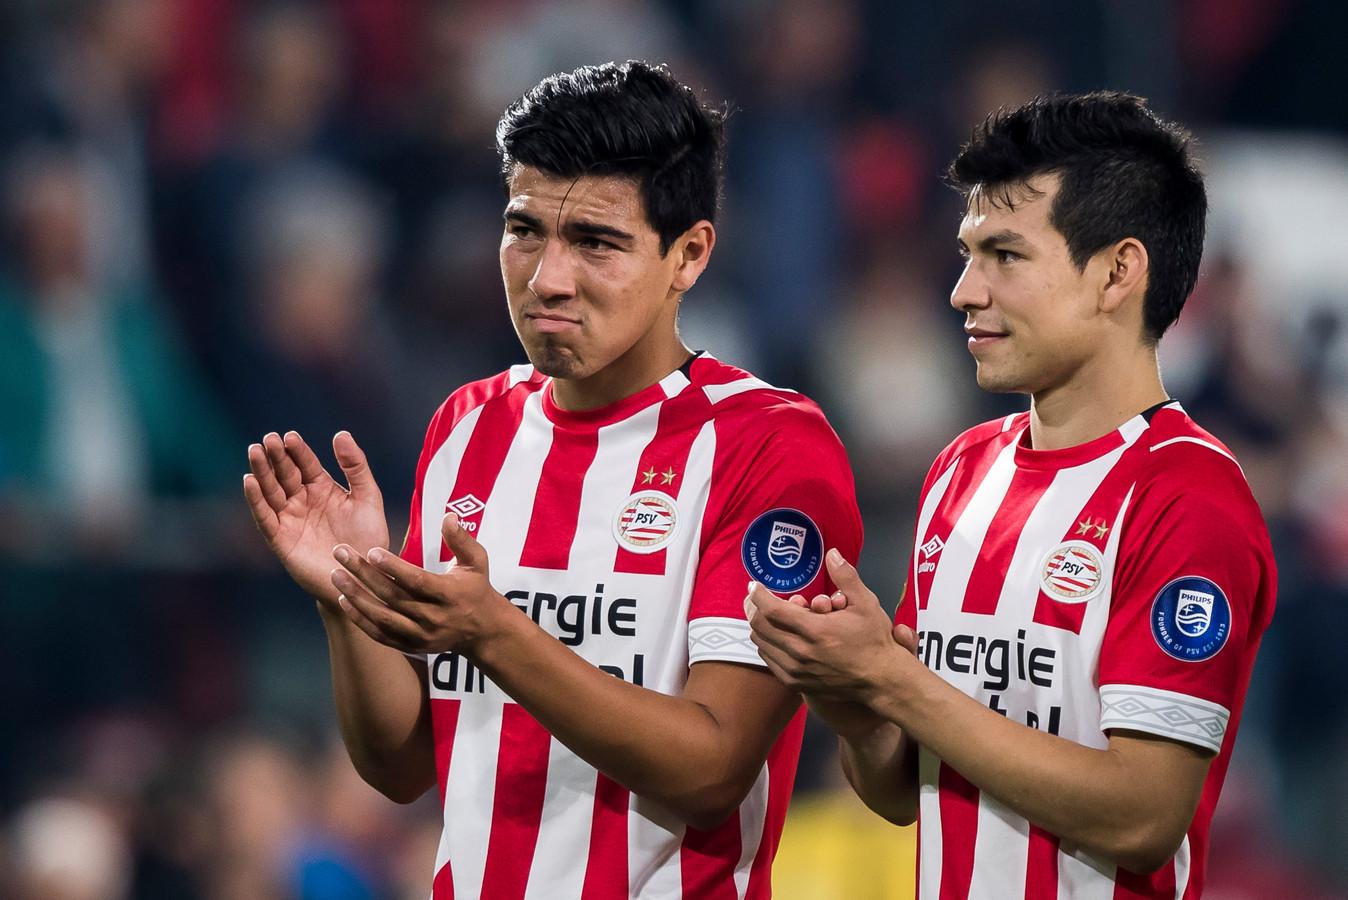 De populariteit van Érick Gutiérrez en Hirving Lozano is in Mexico groot. PSV kan daar sportief en commercieel munt uit slaan.